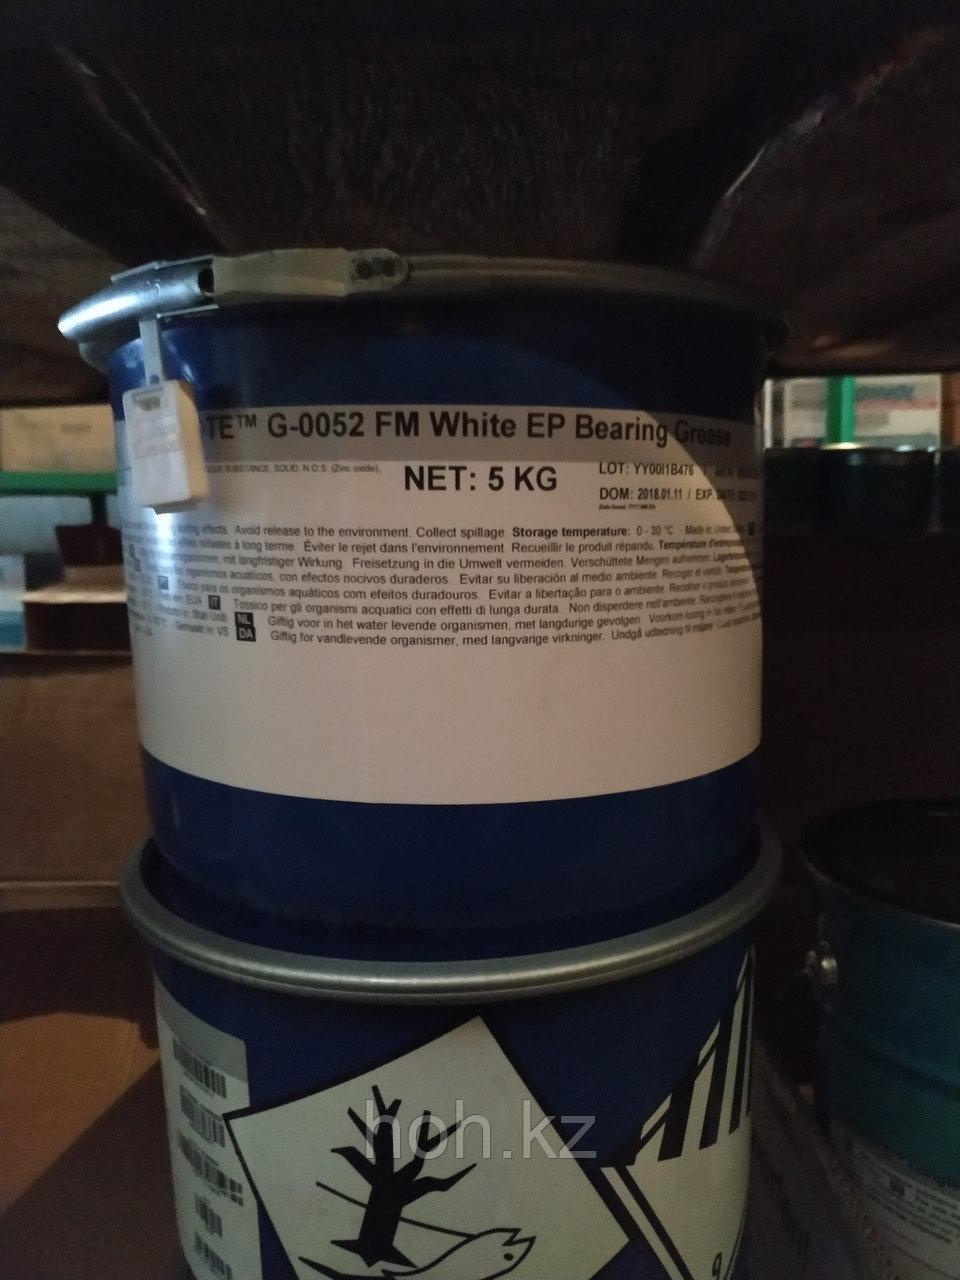 Molykote G-0052 FM Пластичная смазка с пищевым допуском EP-2